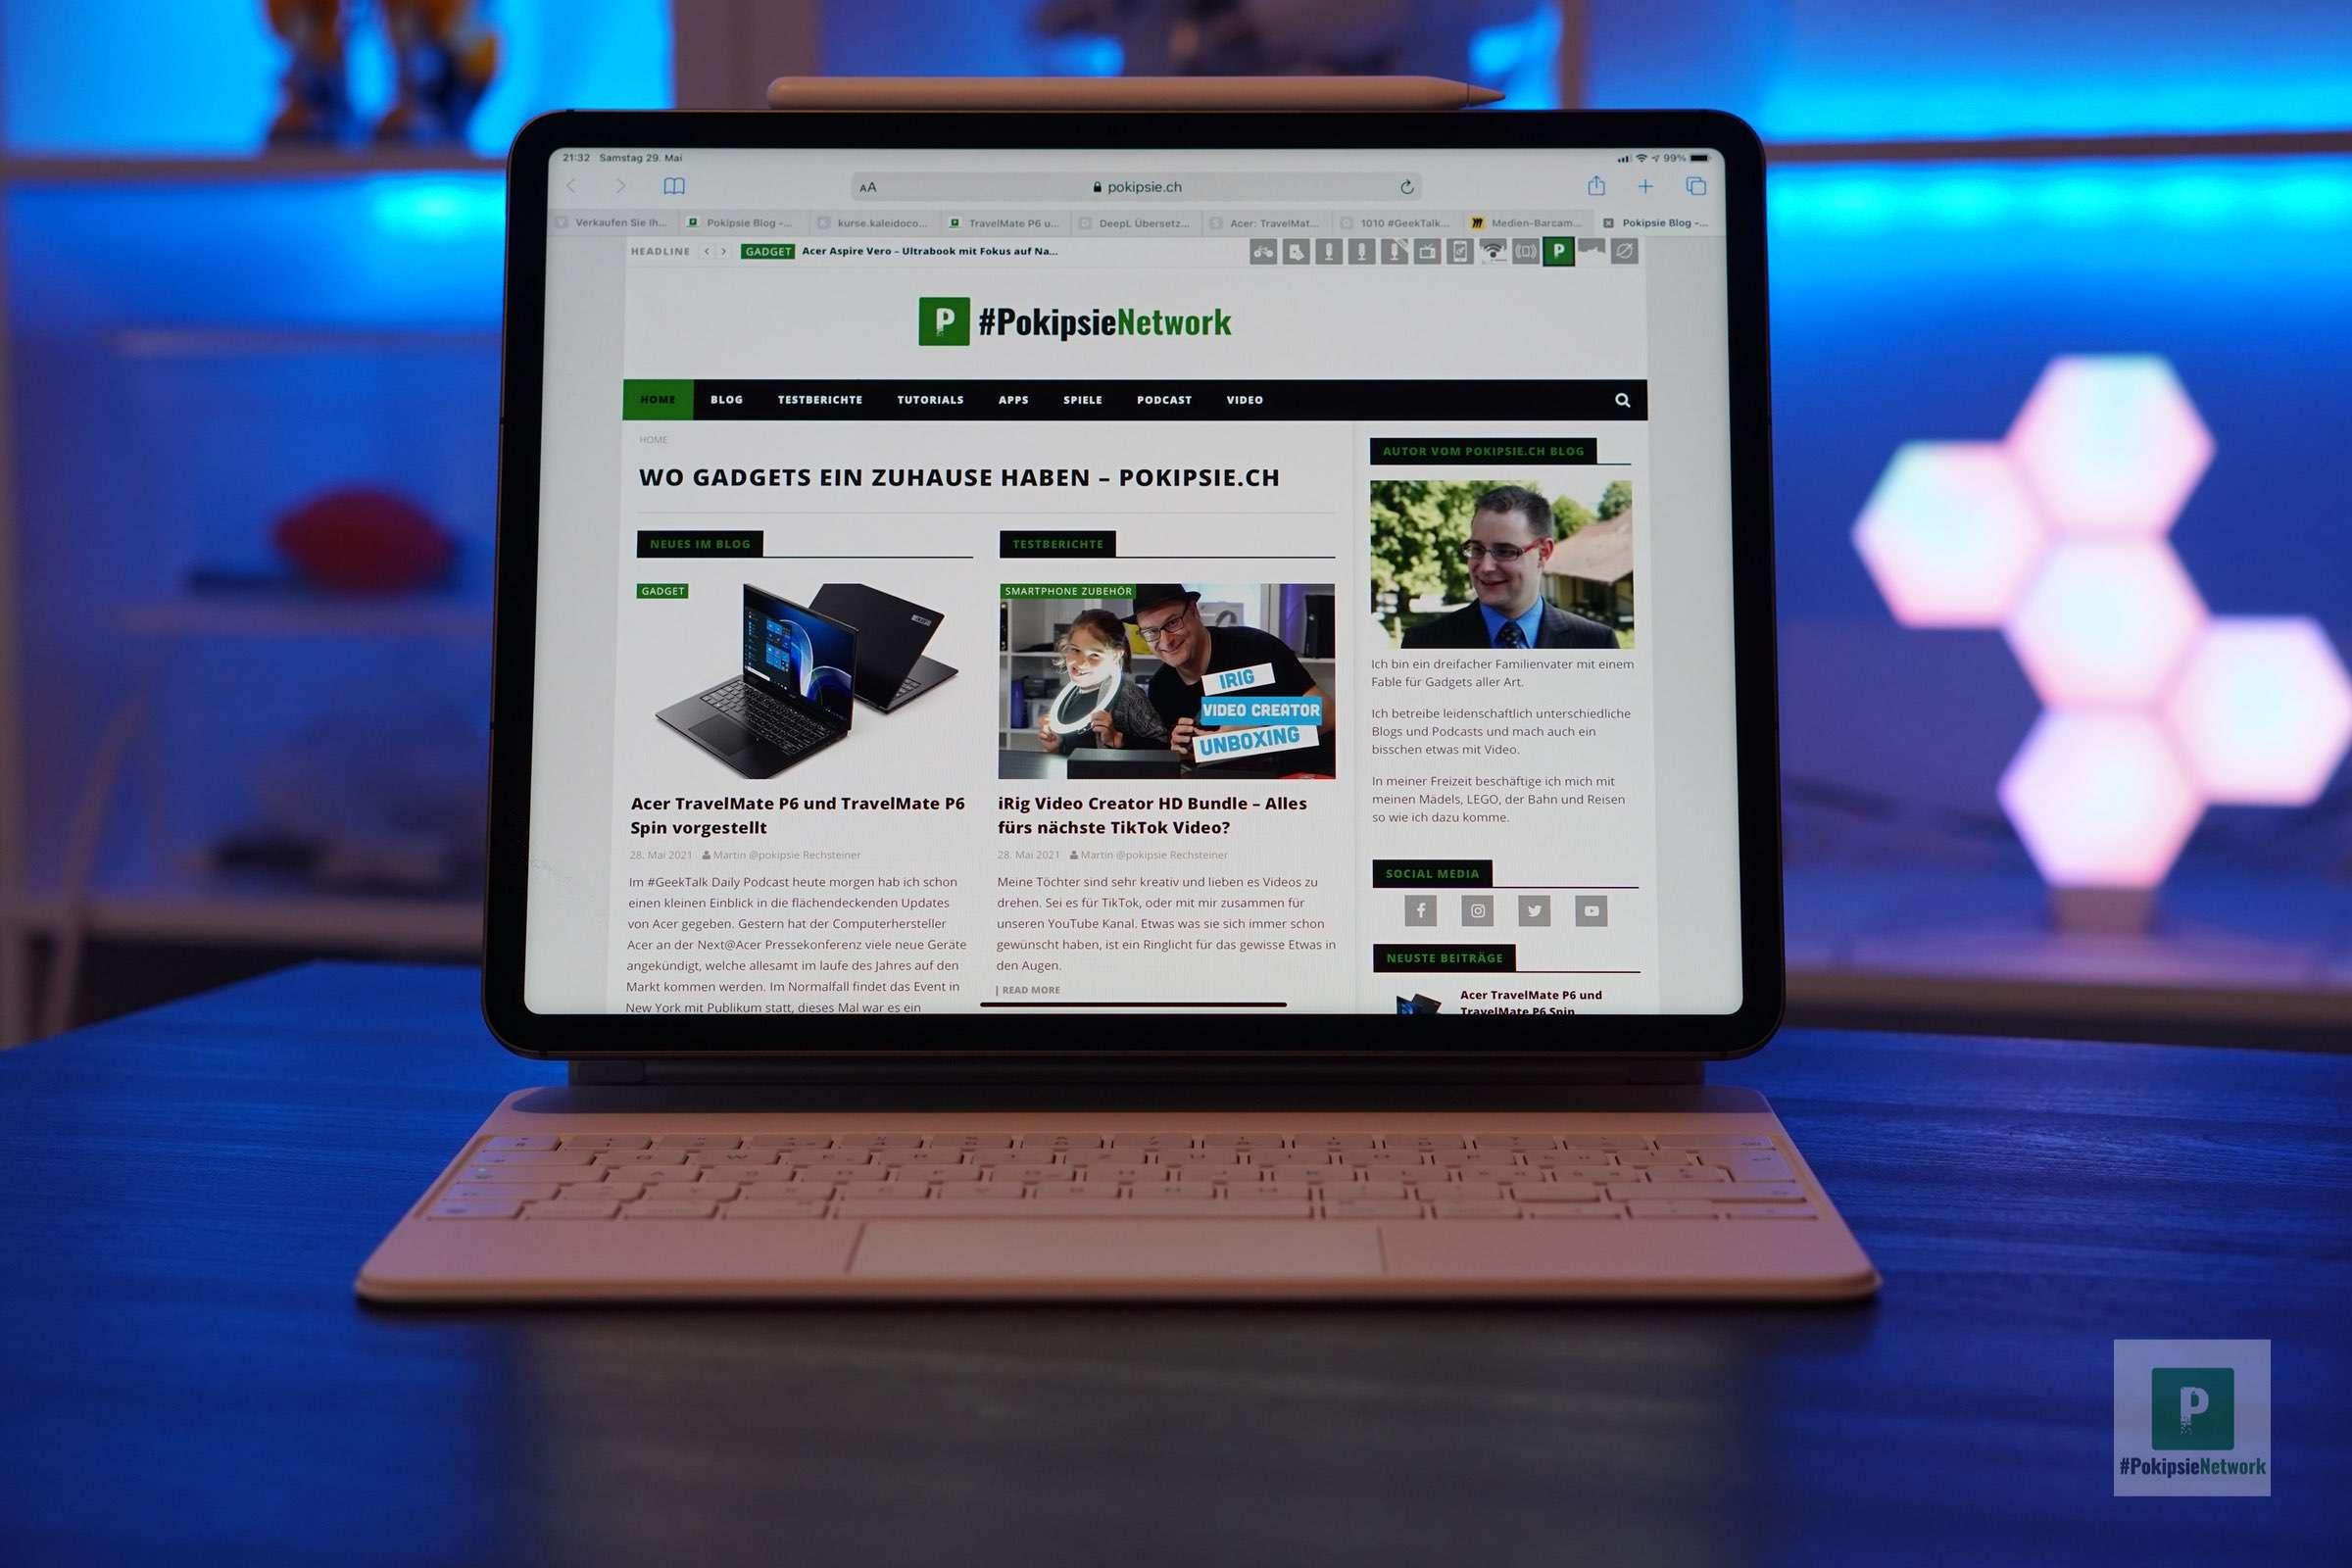 Das neue iPad im Magic Keyboard